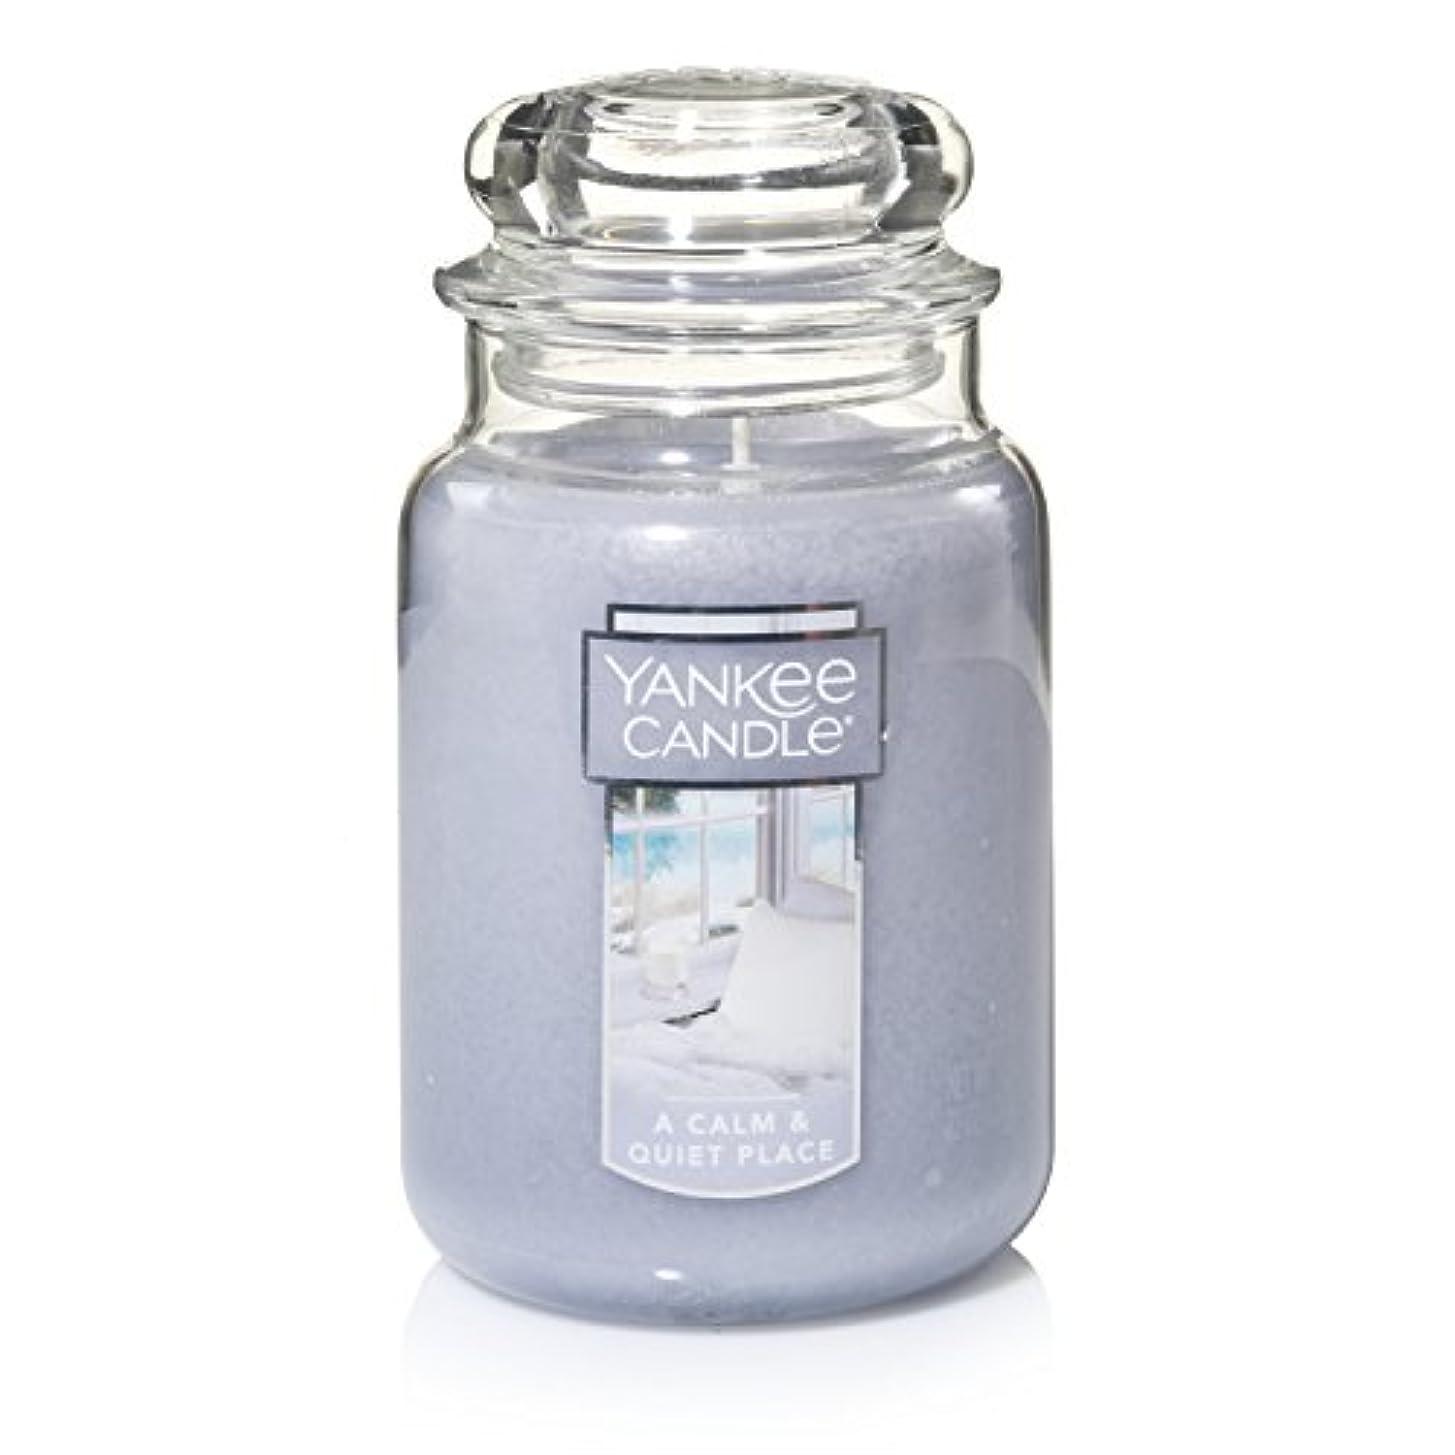 爆発否認するちっちゃいYankee Candle A Calm & Quiet Place Jar Candle , Large